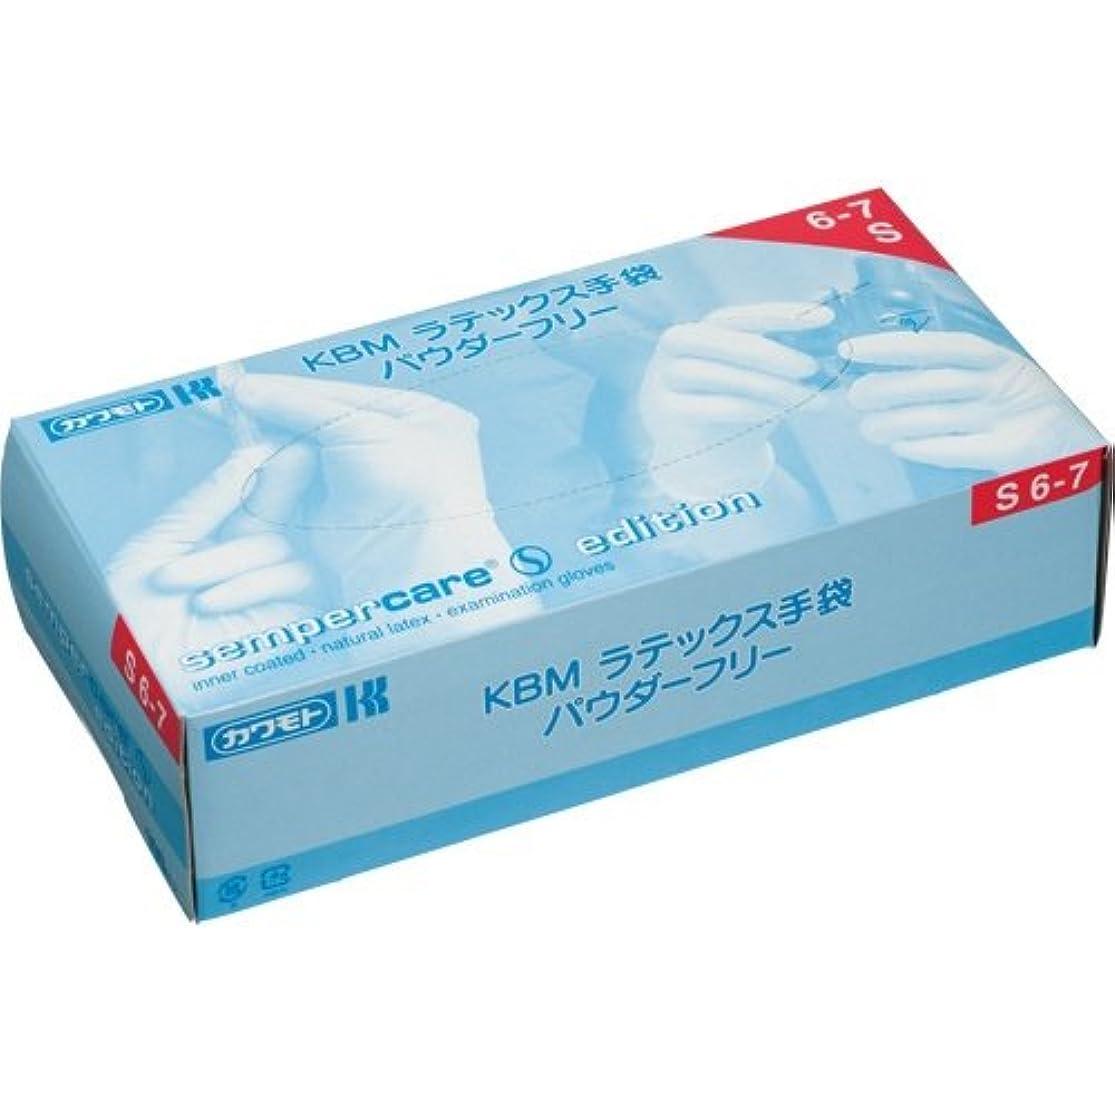 冒険典型的な入手しますカワモト KBM ラテックス手袋 パウダーフリー S 1セット(300枚:100枚×3箱)